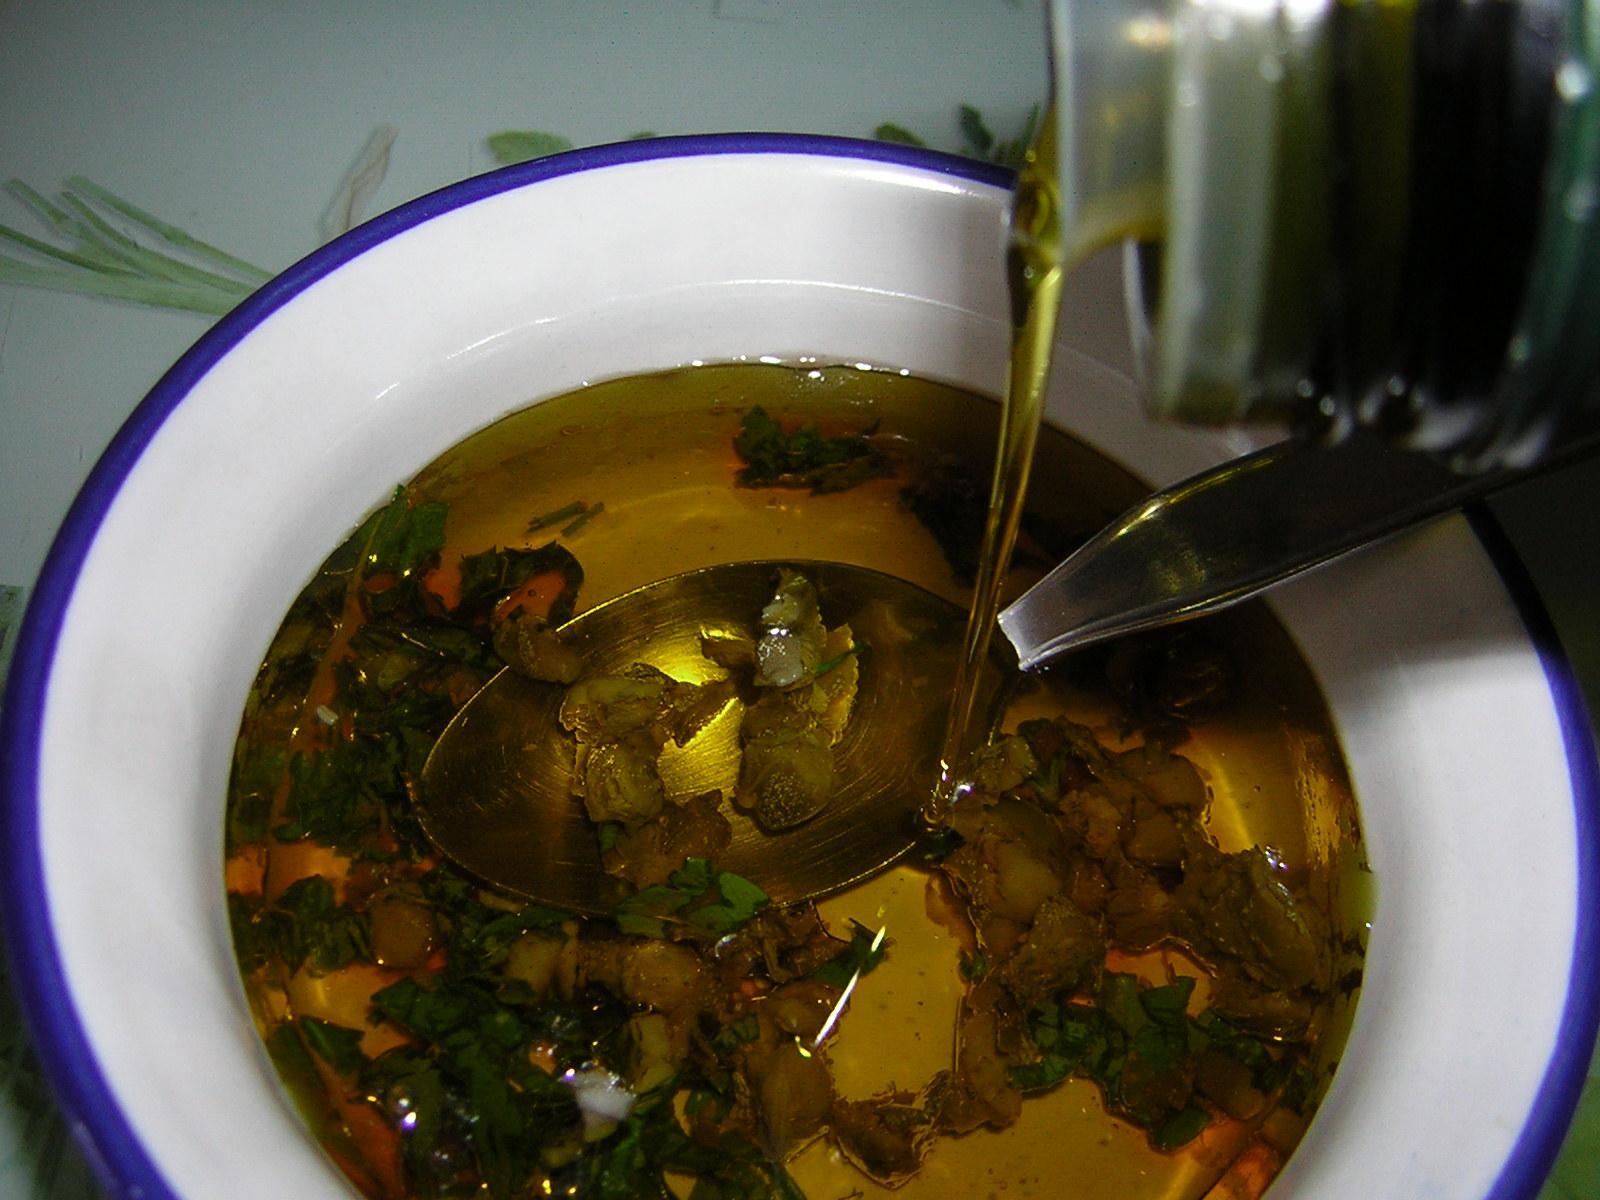 olio aromatizzato per le zucchine grigliate